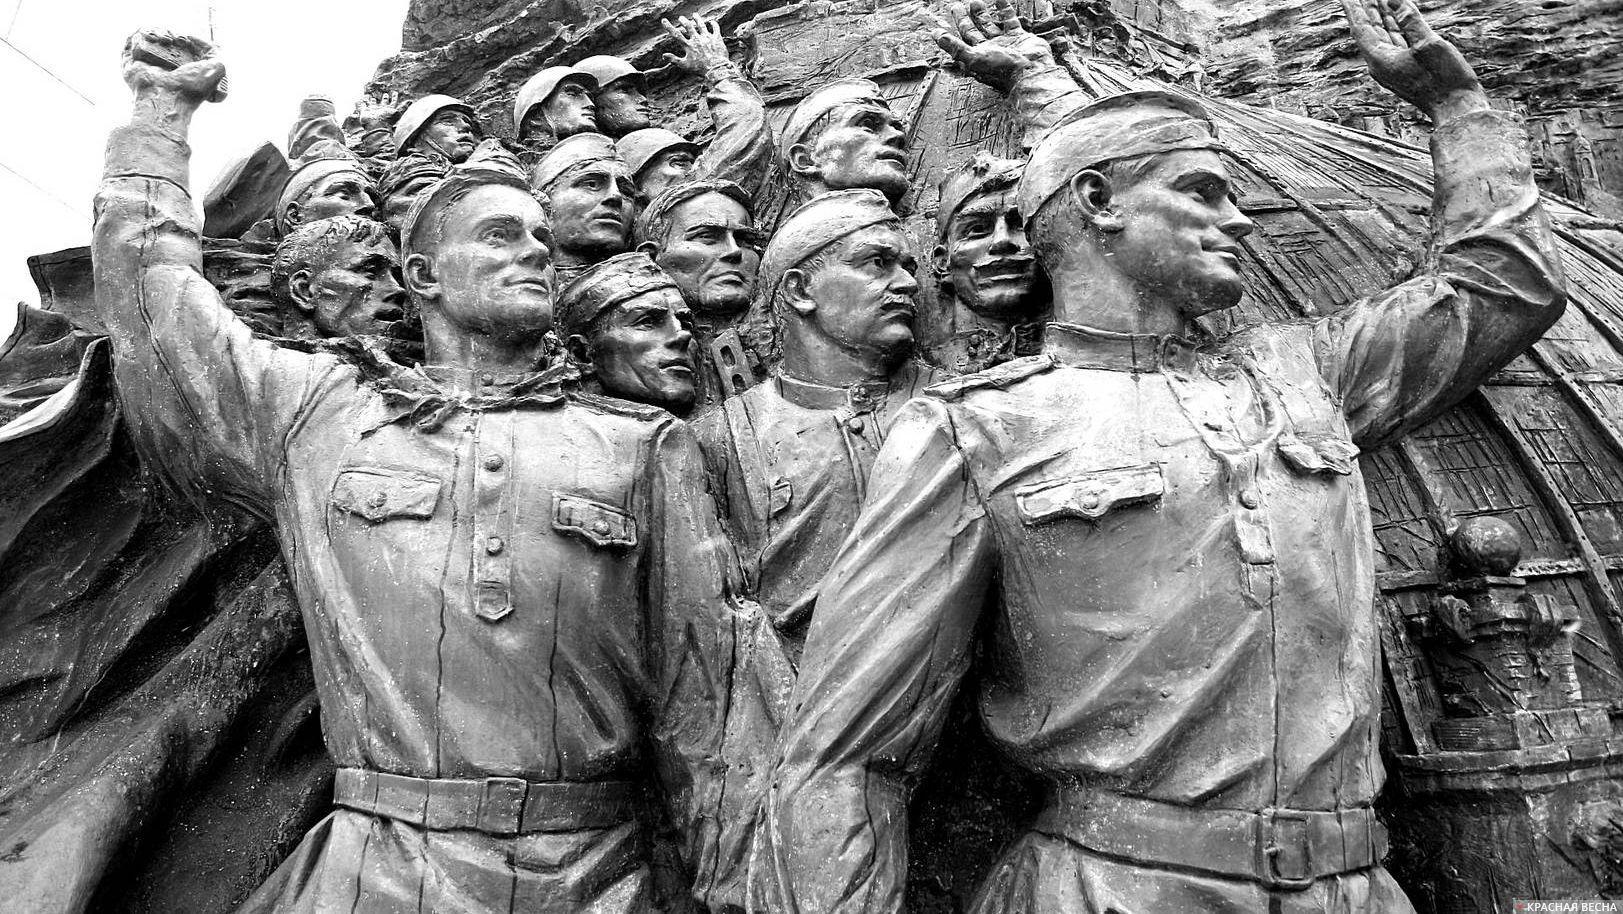 Фрагмент памятника В борьбе против фашизма мы были вместе. Москва, Парк Победы